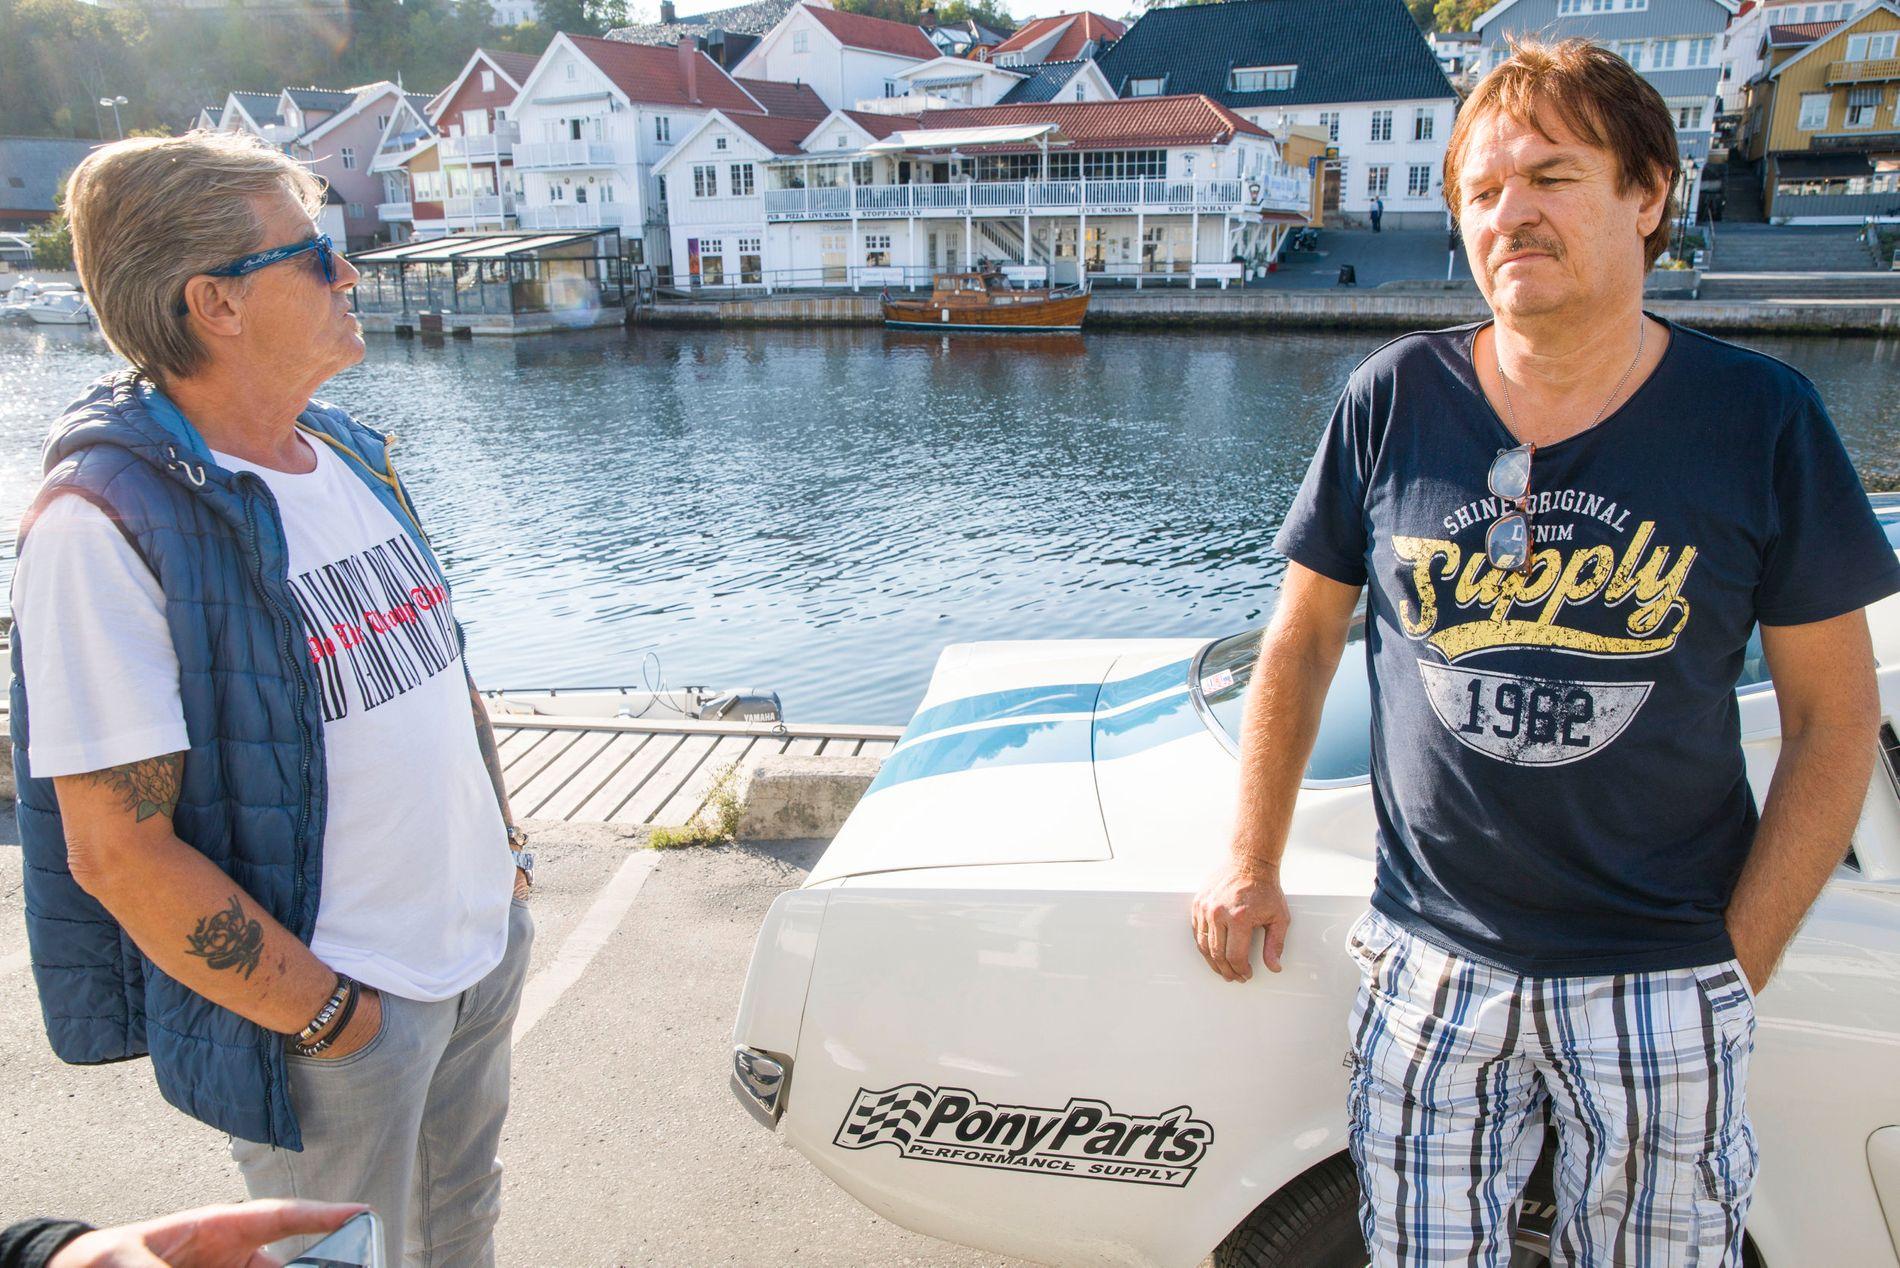 SØRGER: Tom Johannessen og Rolf Harry Kristiansen i Kragerø og omegn veteranbilforening beskriver byen som tom etter at de søndag mistet fire av sine innbyggere i en tragisk bilulykke, der en veteranbil fra 1959 krasjet inn i fjellveggen ved Rjukan.